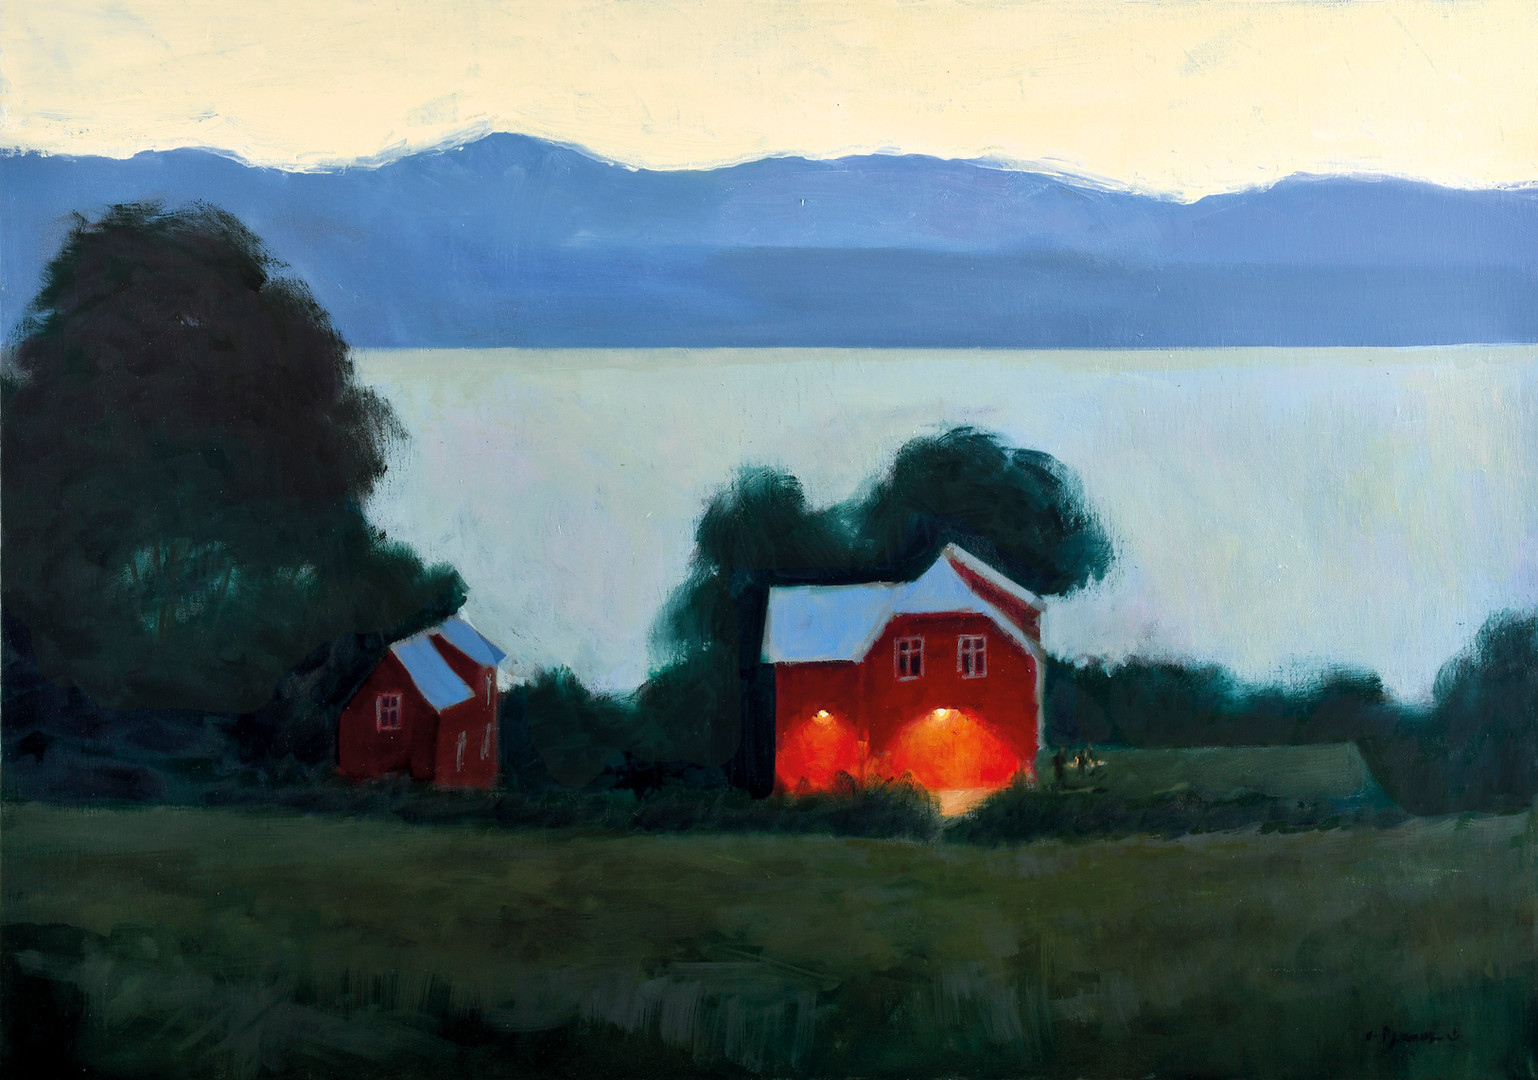 La nuit des fjords, huile sur toile, 92x65cm, 2019